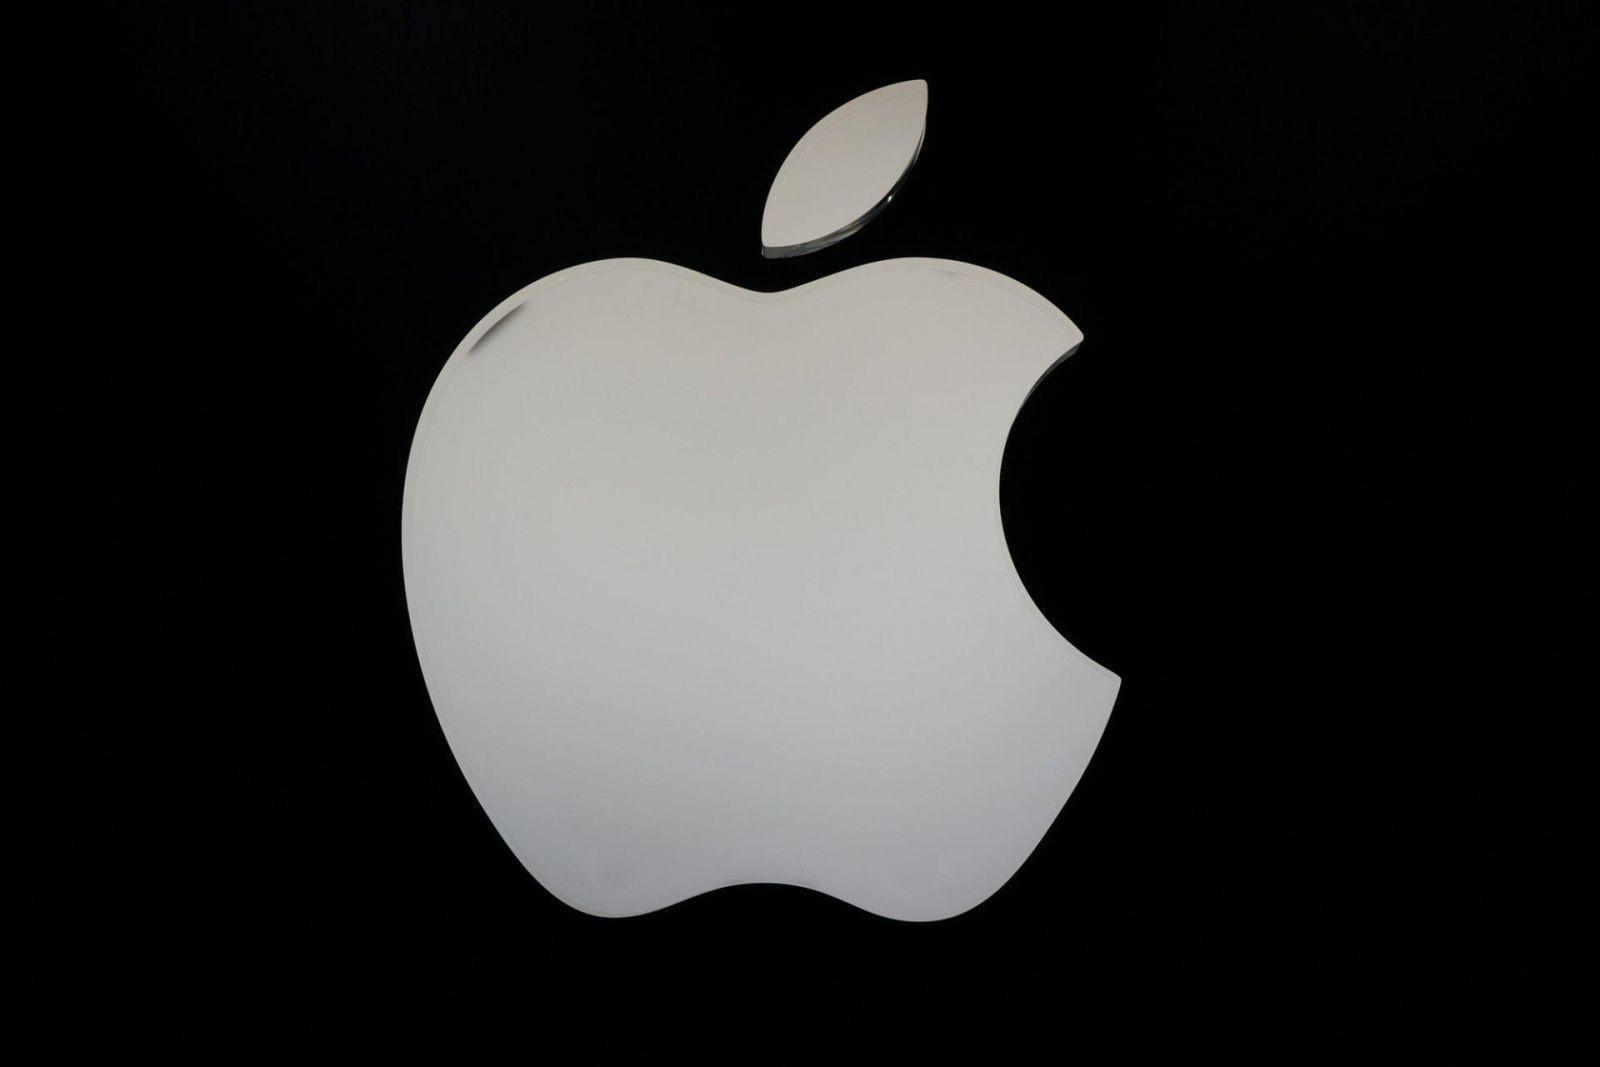 С 4 ноября у старых моделей Apple возможны сбои (apple logo 2000x1333 wallpaper)